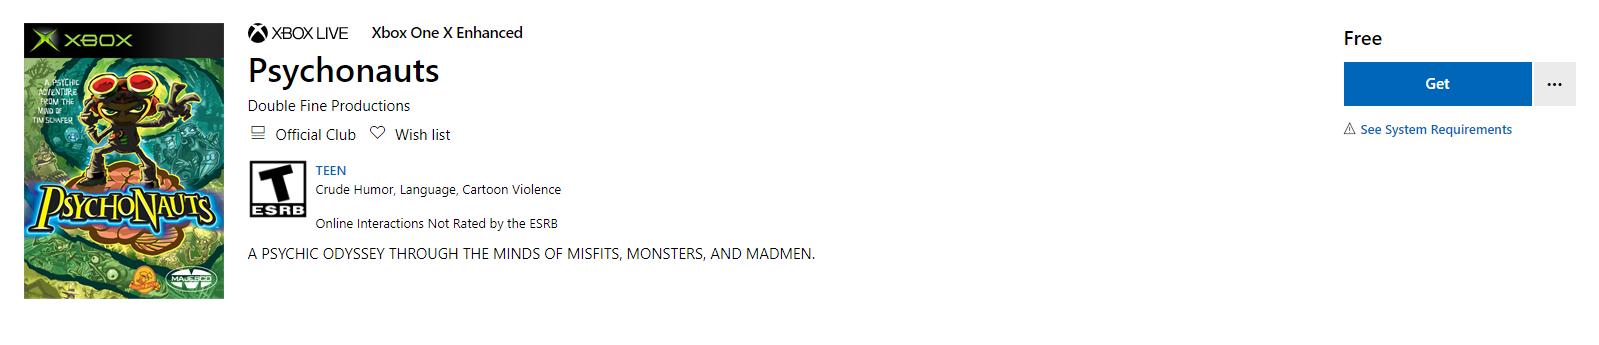 今日看点:《斯盖尔之女》Steam发售 疯狂世界 免费领